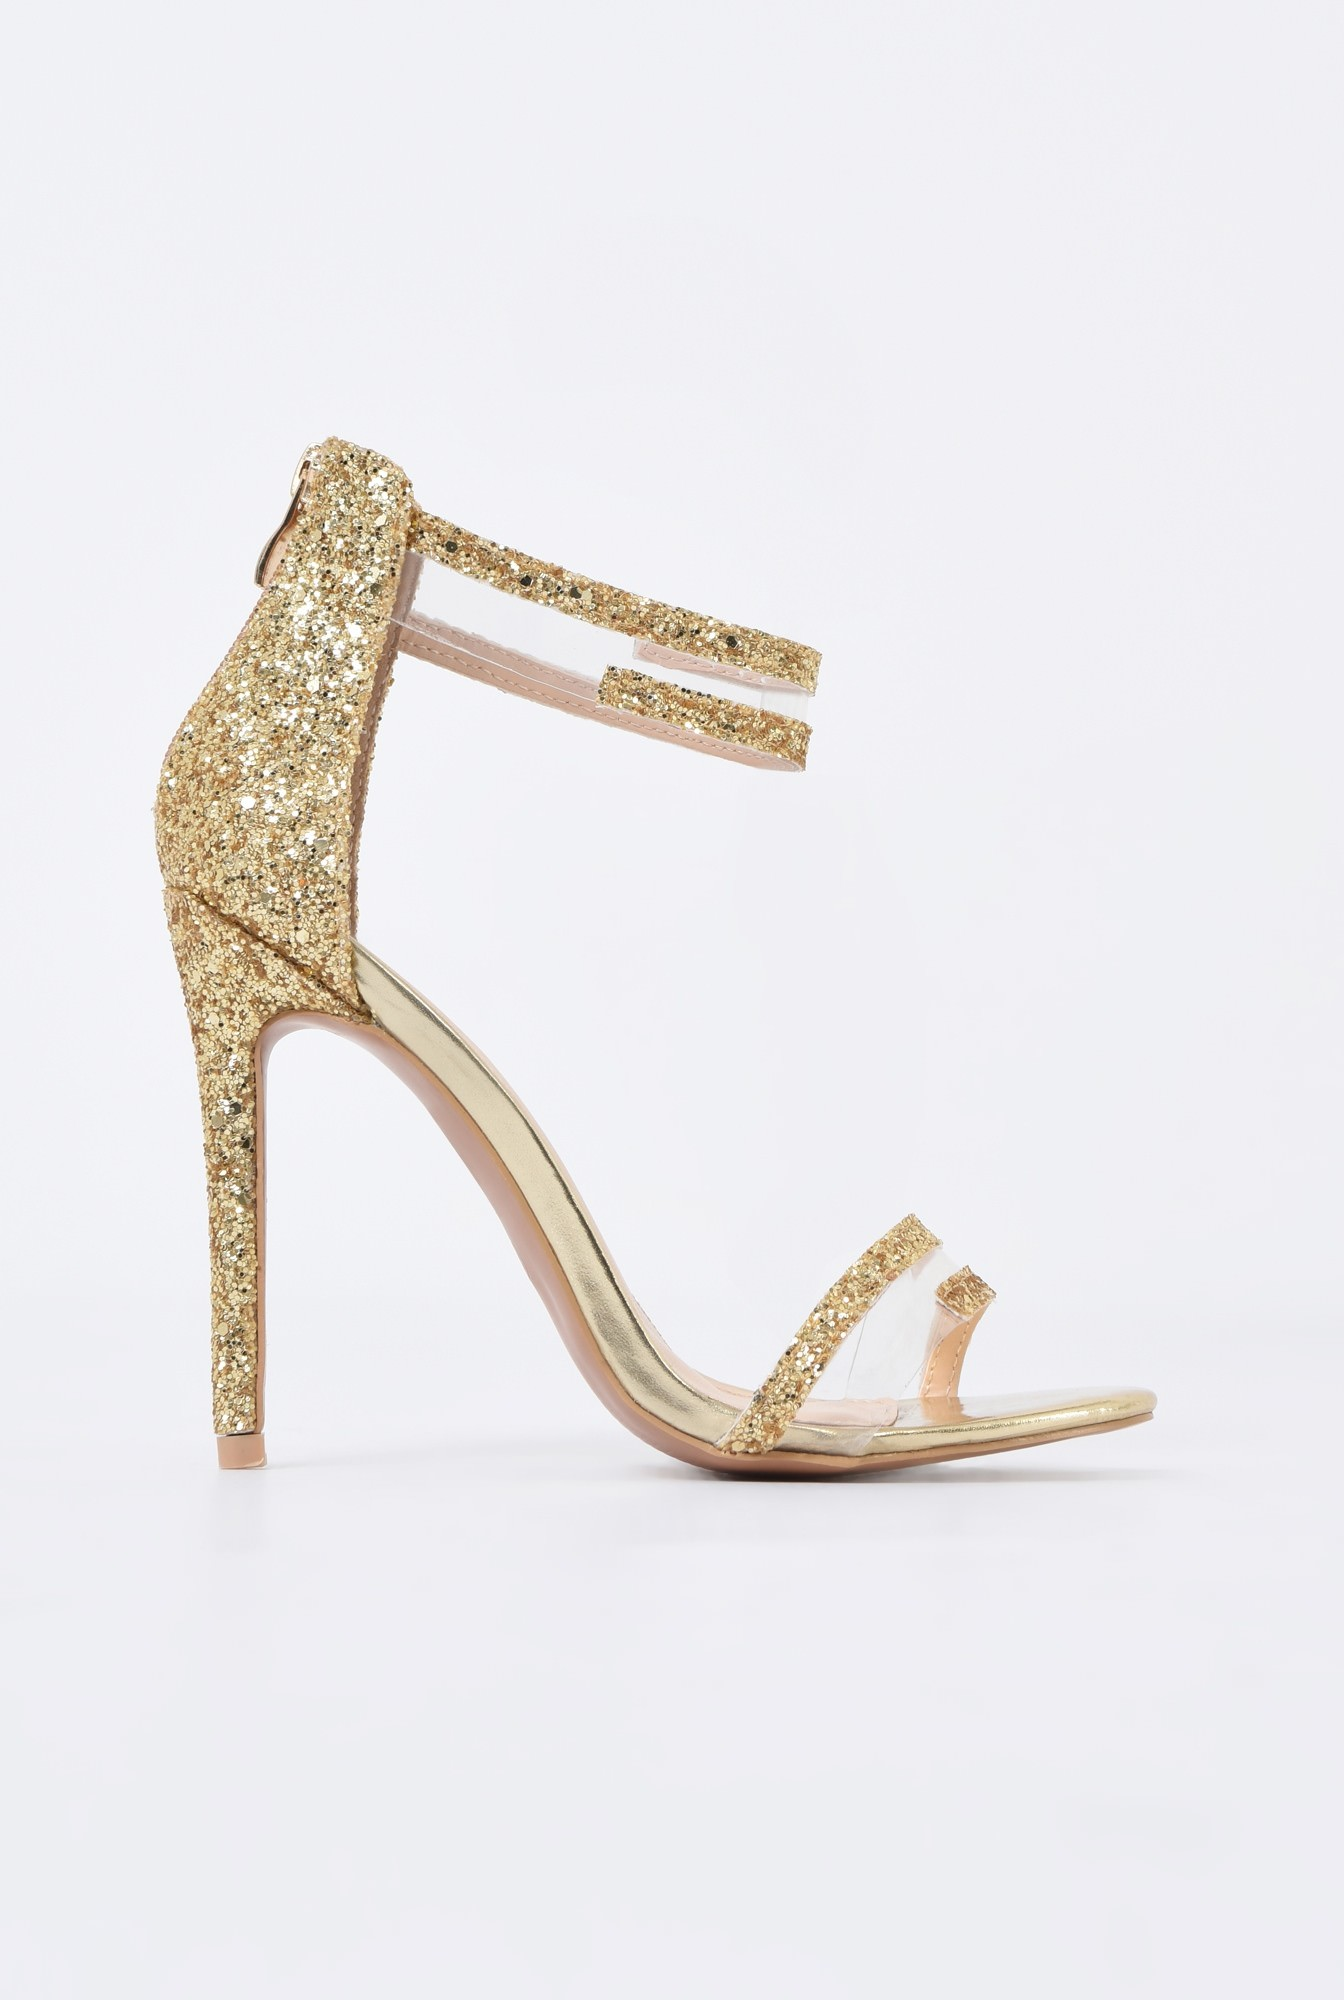 0 - sandale elegante, aurii, cu glitter, toc inalt